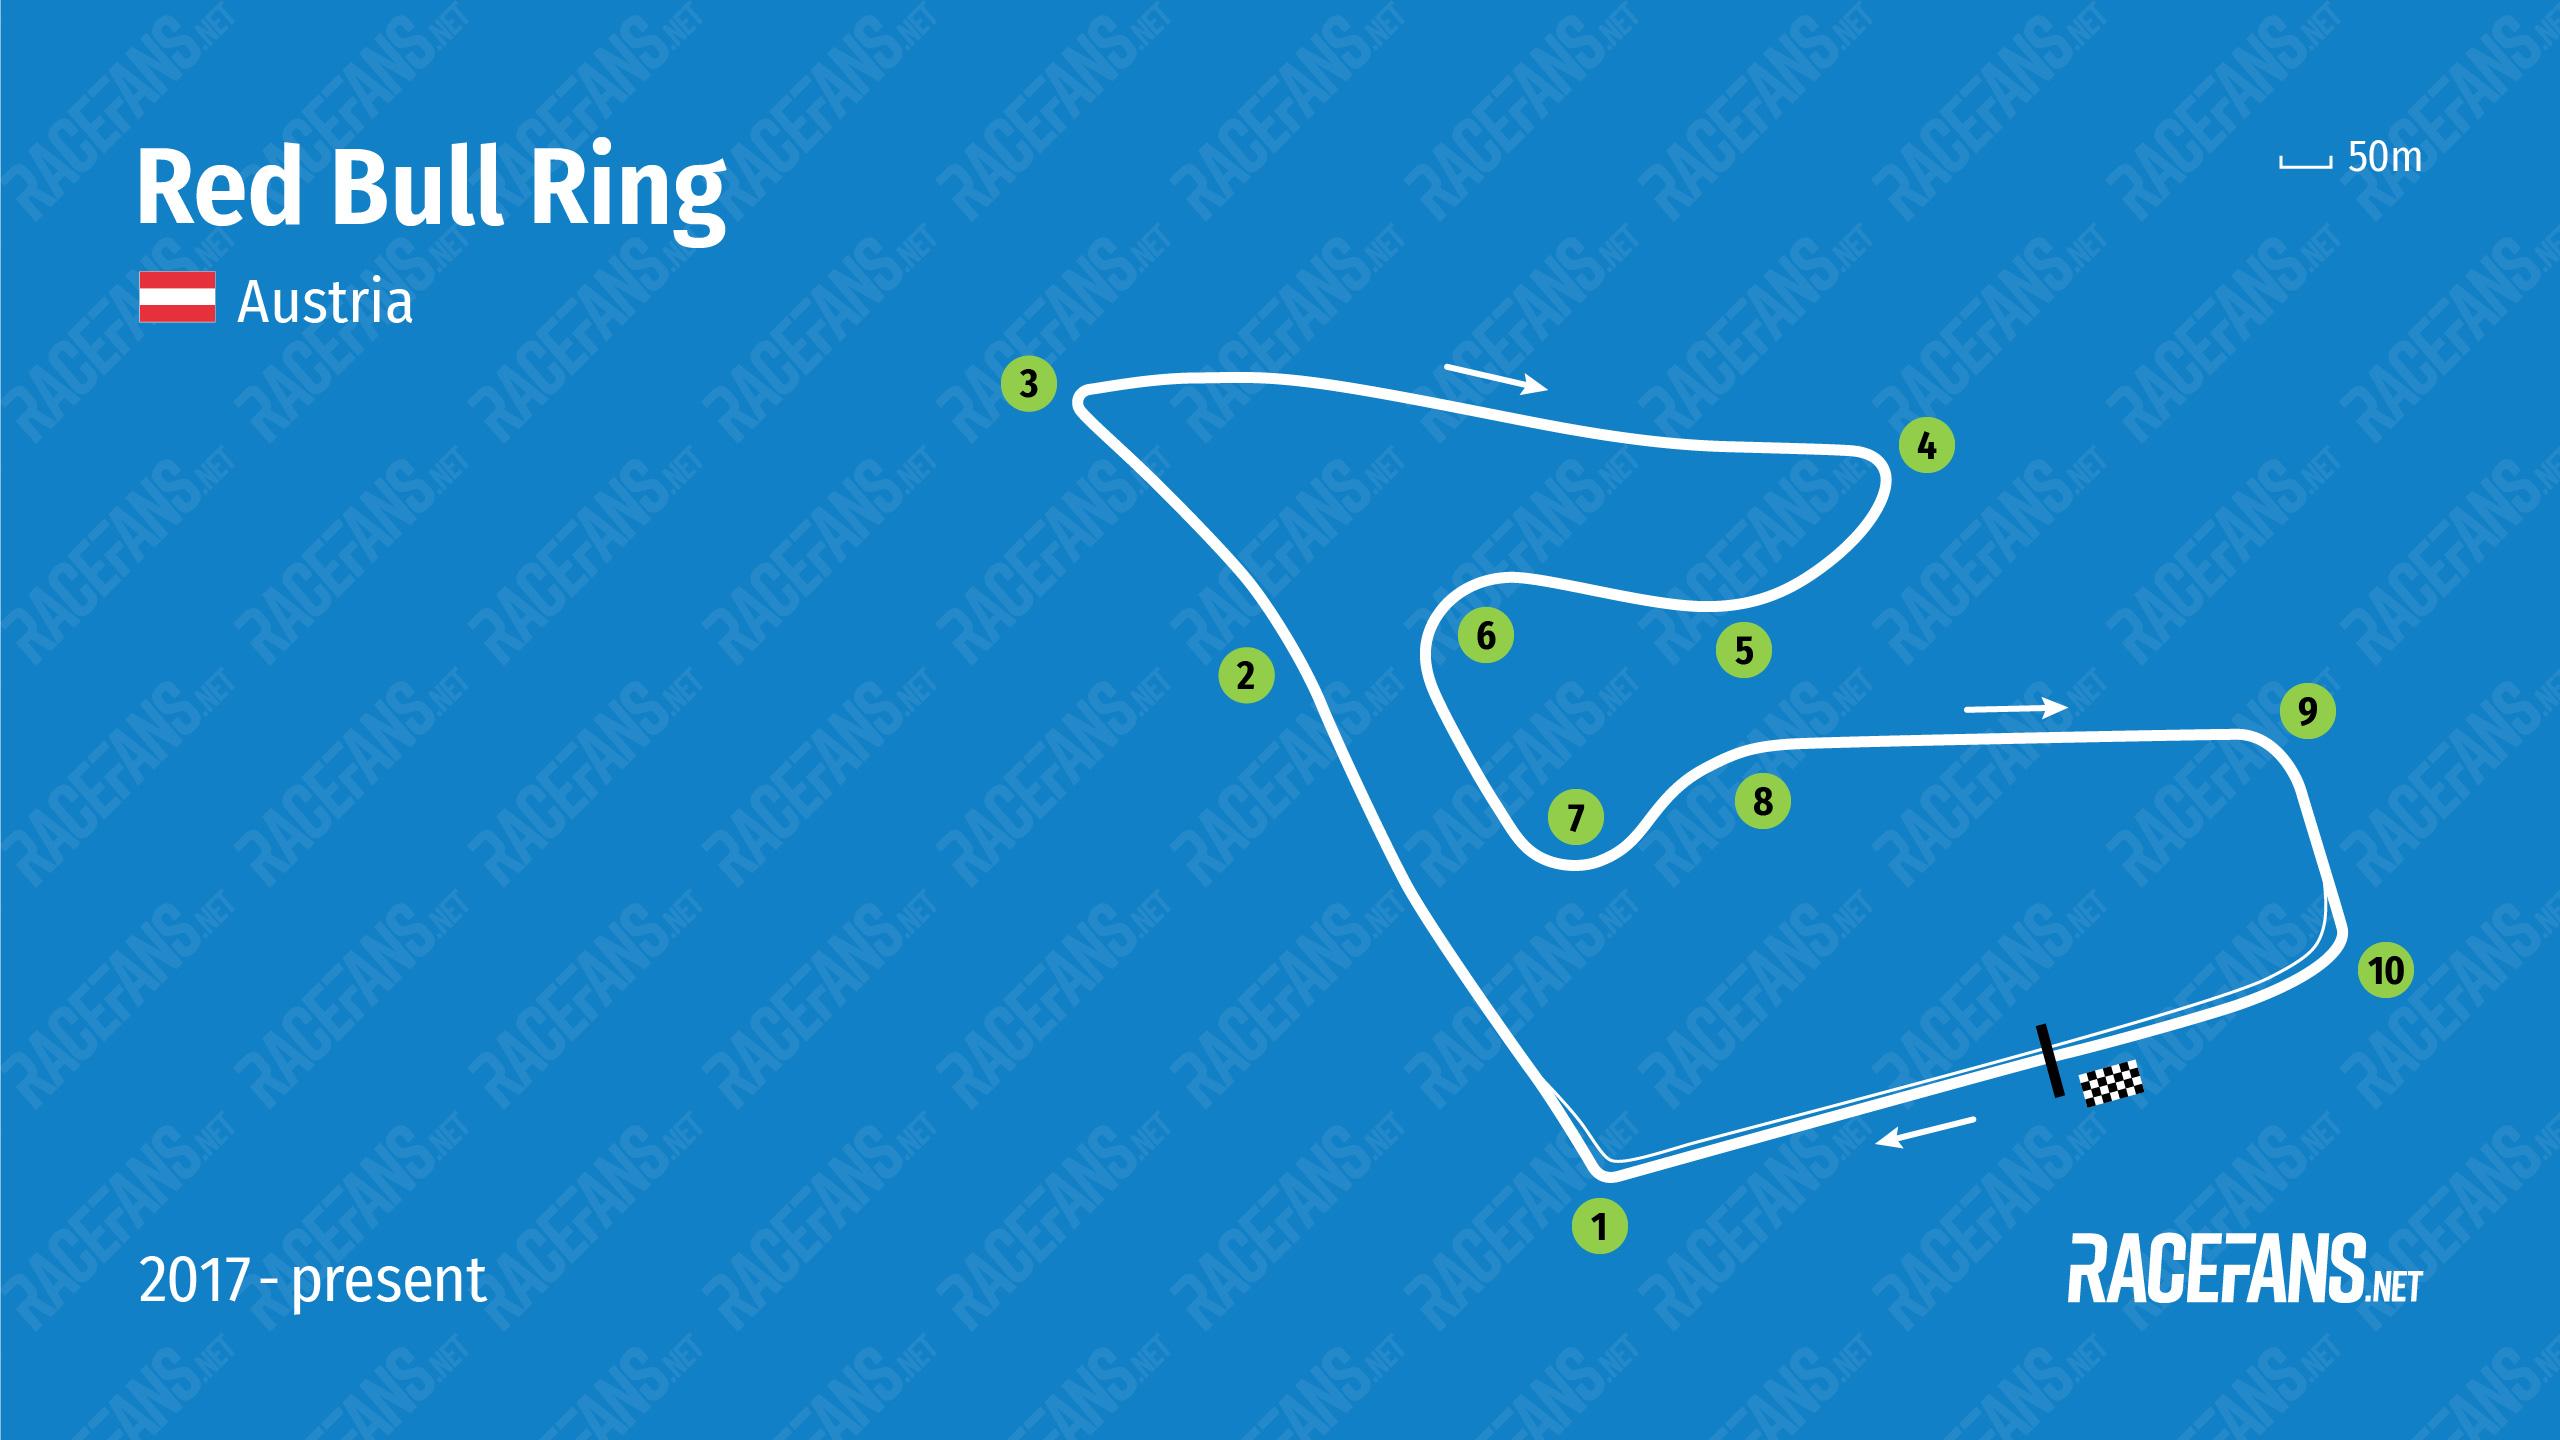 Red Bull Ring, 2020